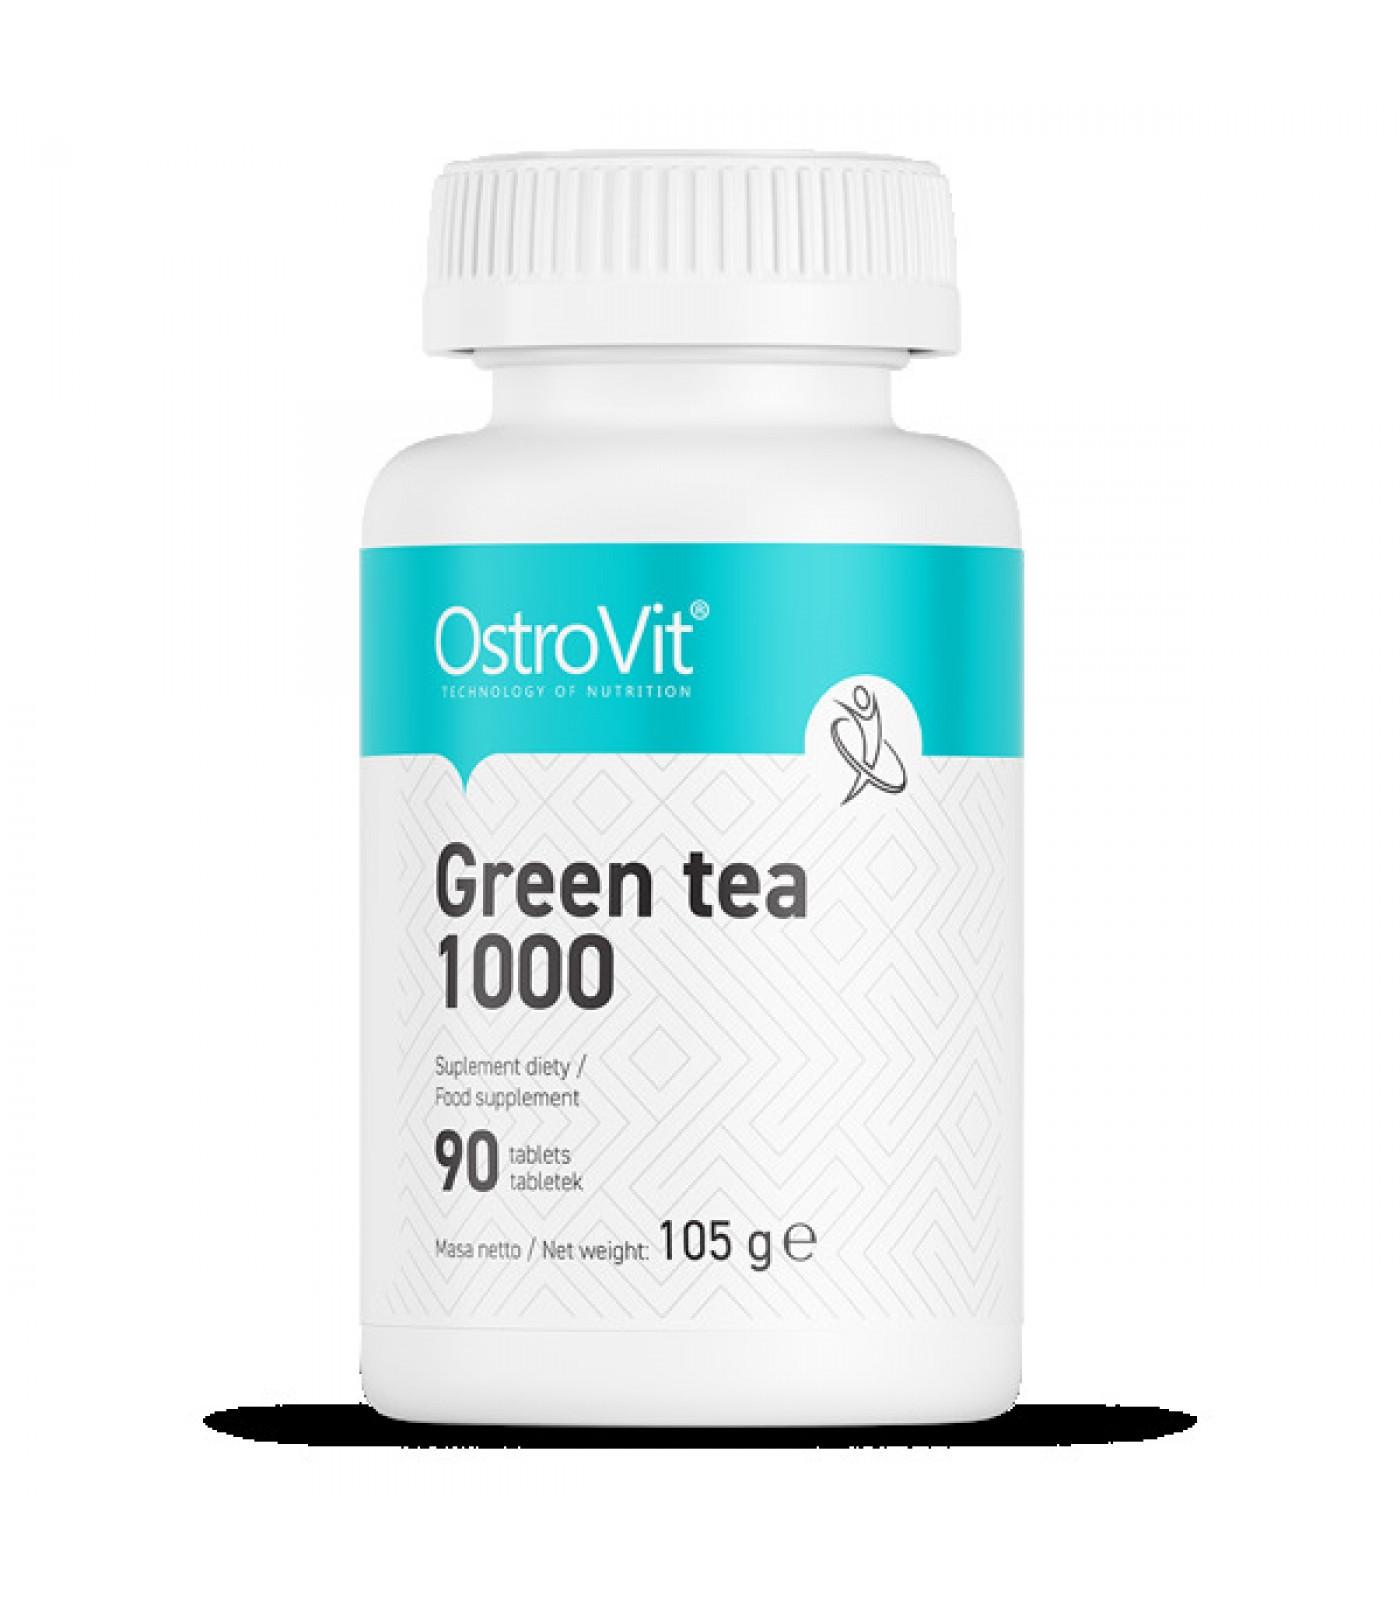 OstroVit - Green Tea 1000 / 90tabs.